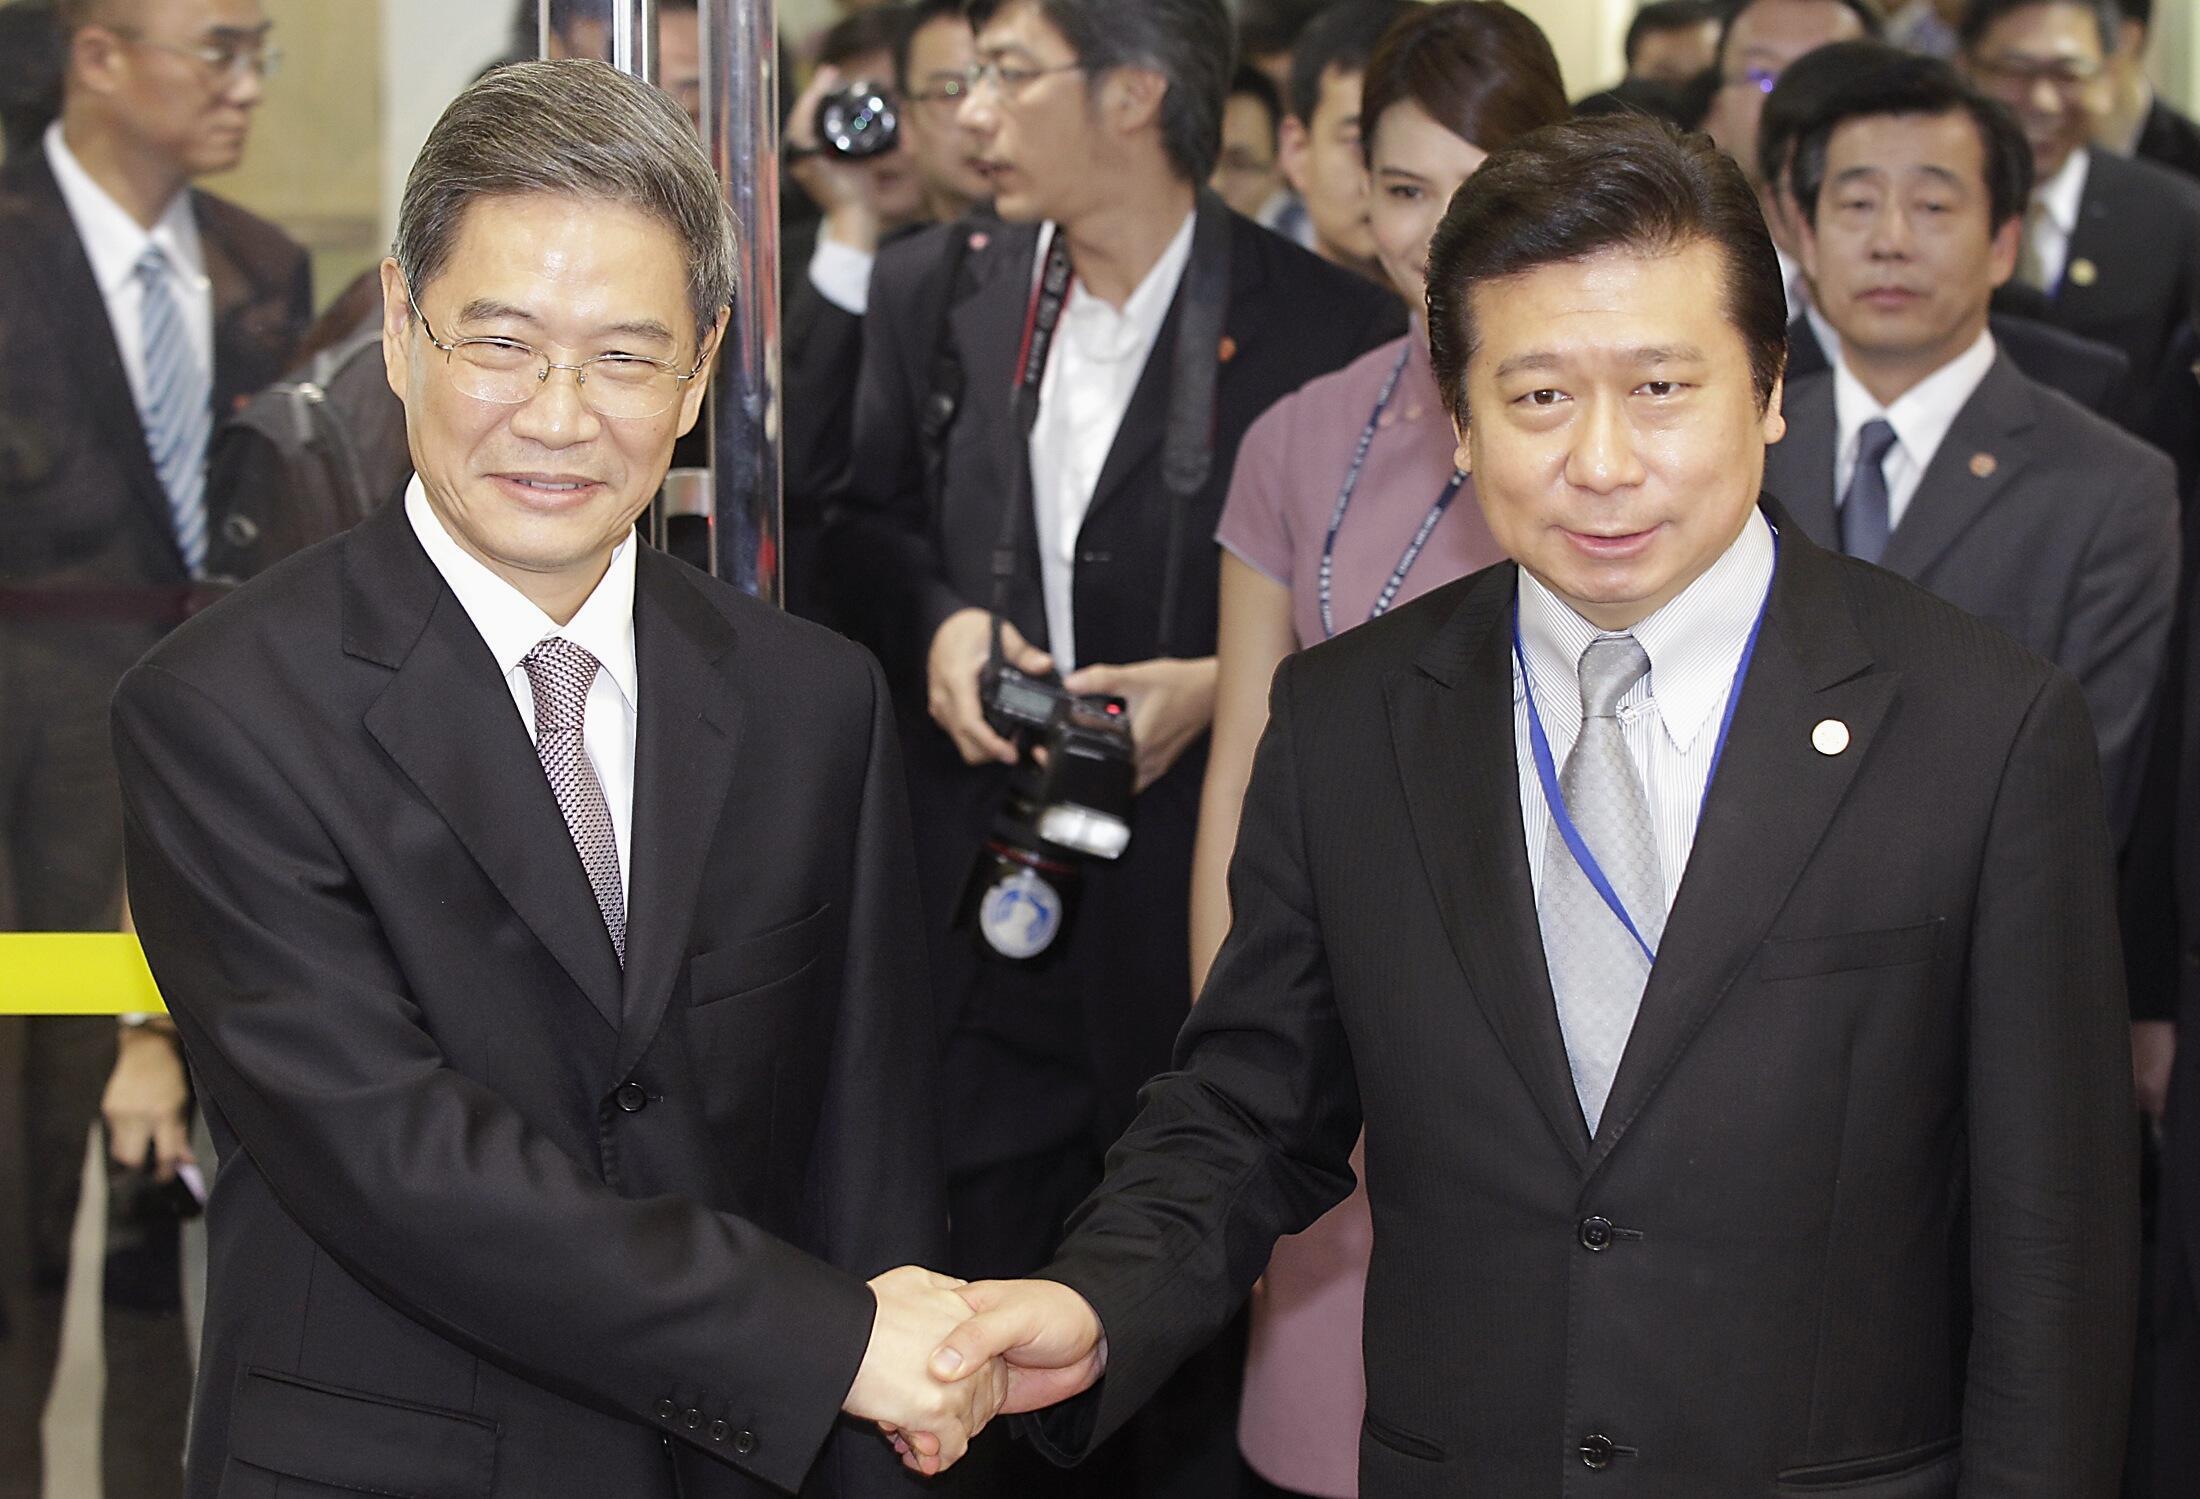 Ông Trương Hiển Diệu (phải) tiếp đón thứ trưởng ngoại giao Trung Quốc Trương Chí Quân tại Đài Loan ngày 25/06/2014.